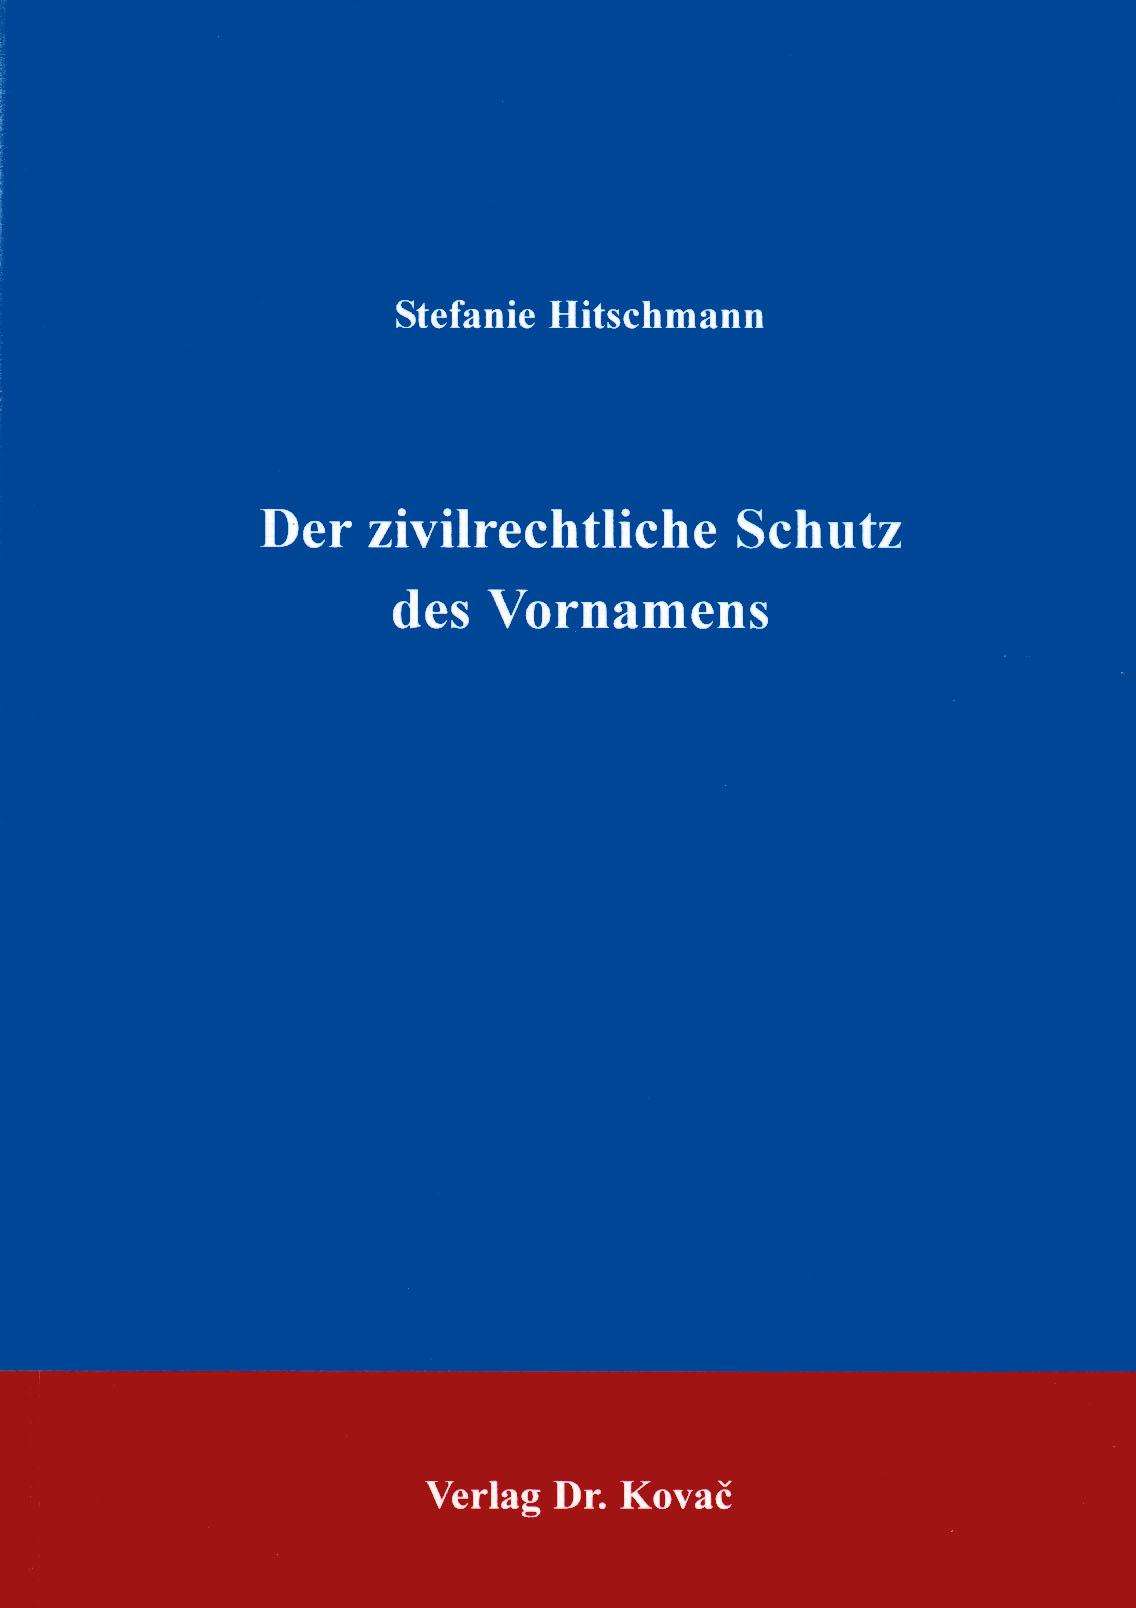 Cover: Der zivilrechtliche Schutz des Vornamens